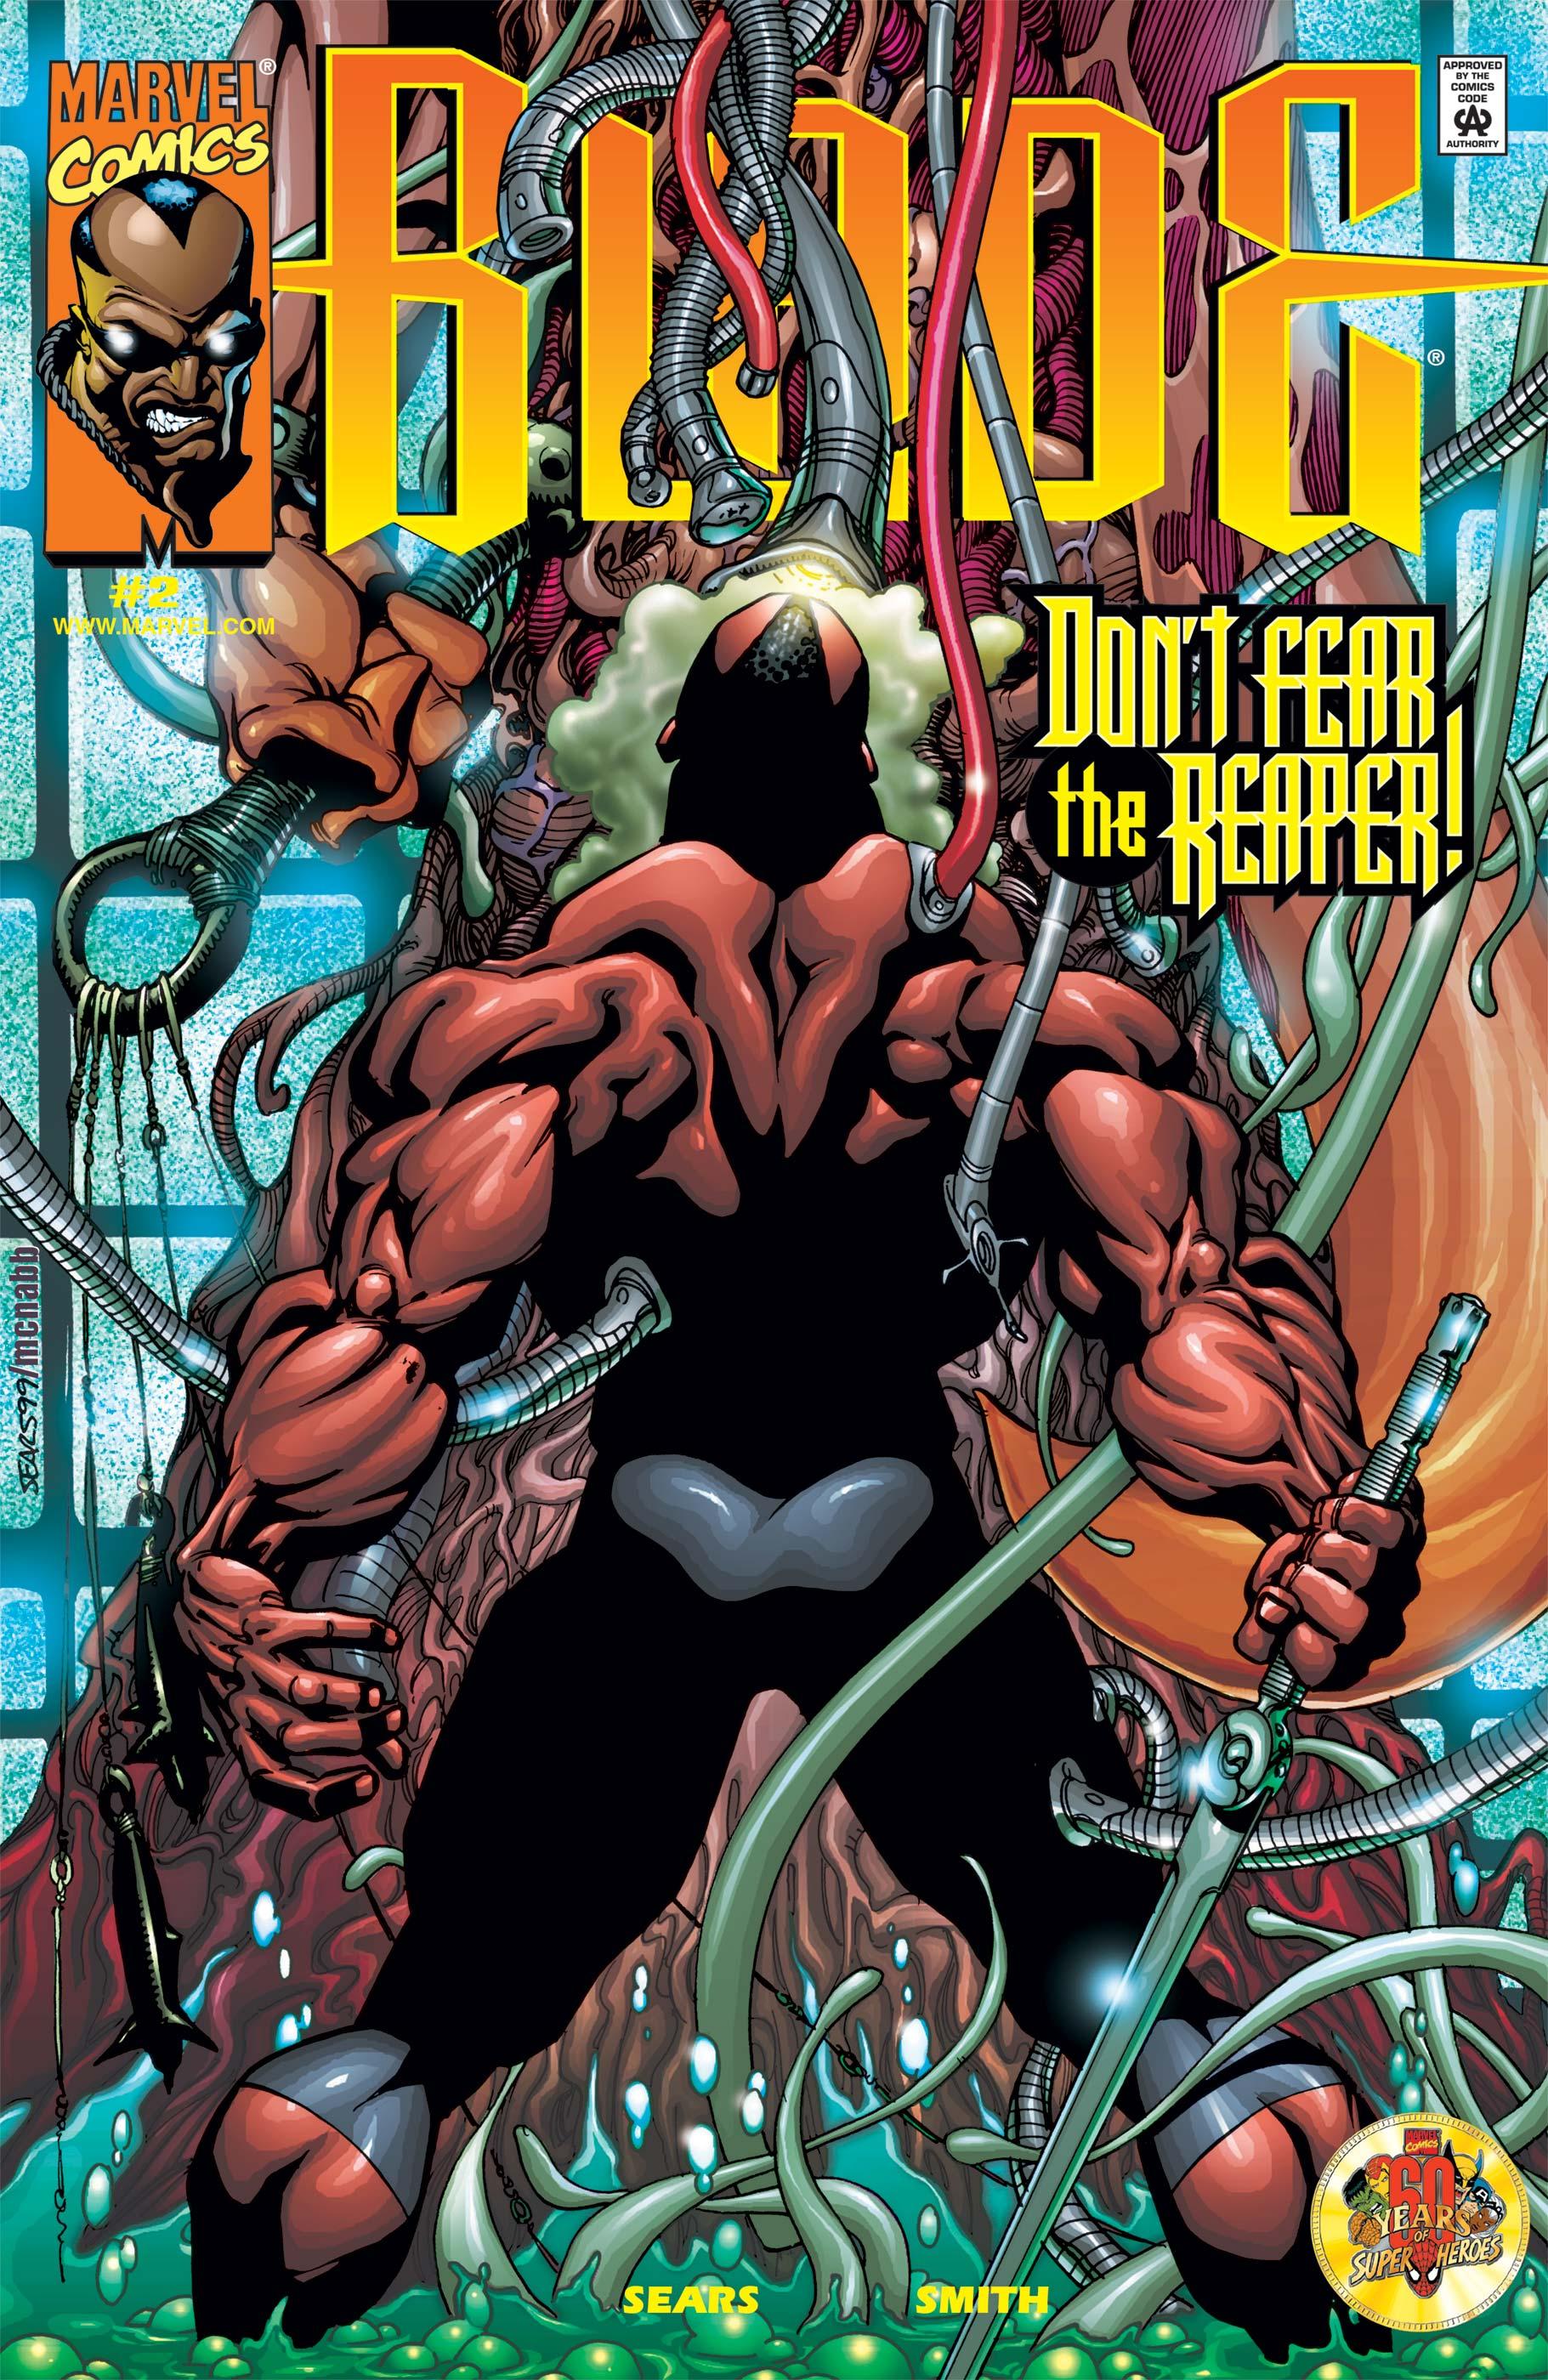 Blade: Vampire Hunter (1999) #2